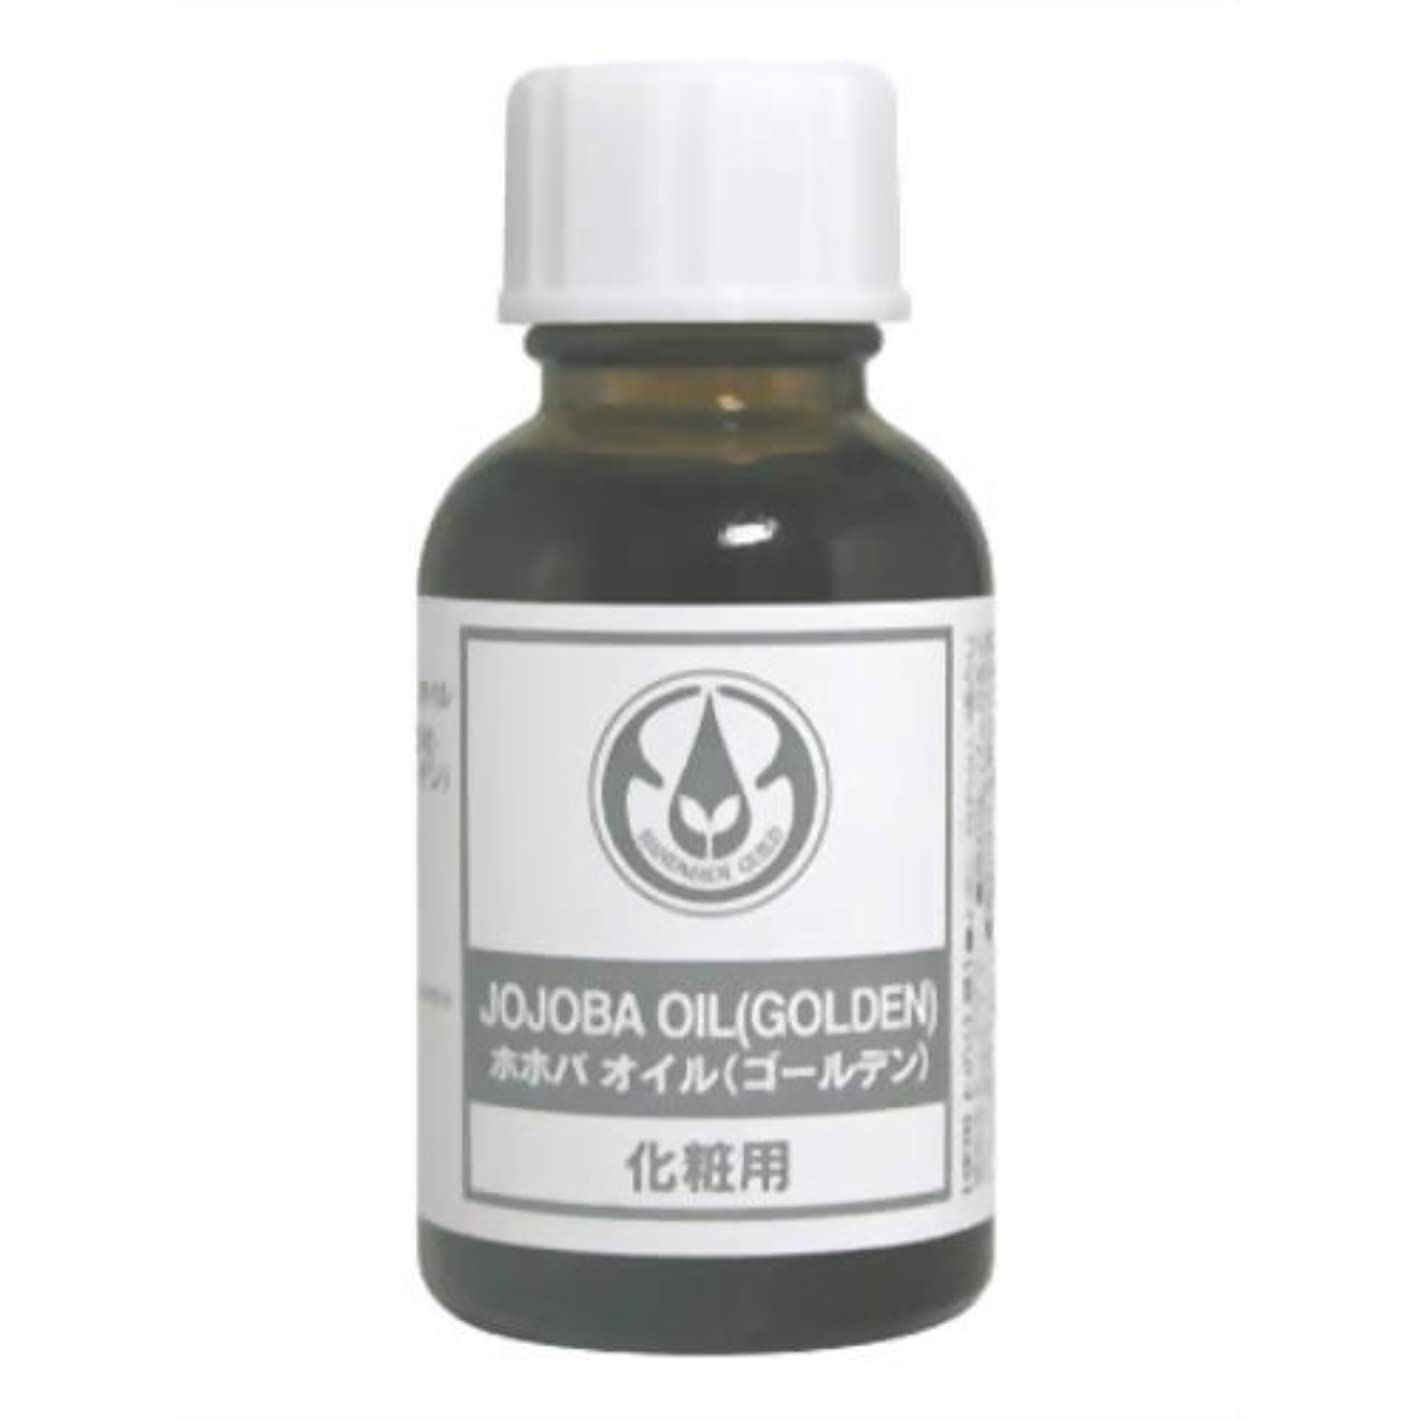 キャプションピカリング毒ホホバ(ゴールデン)25ml◆